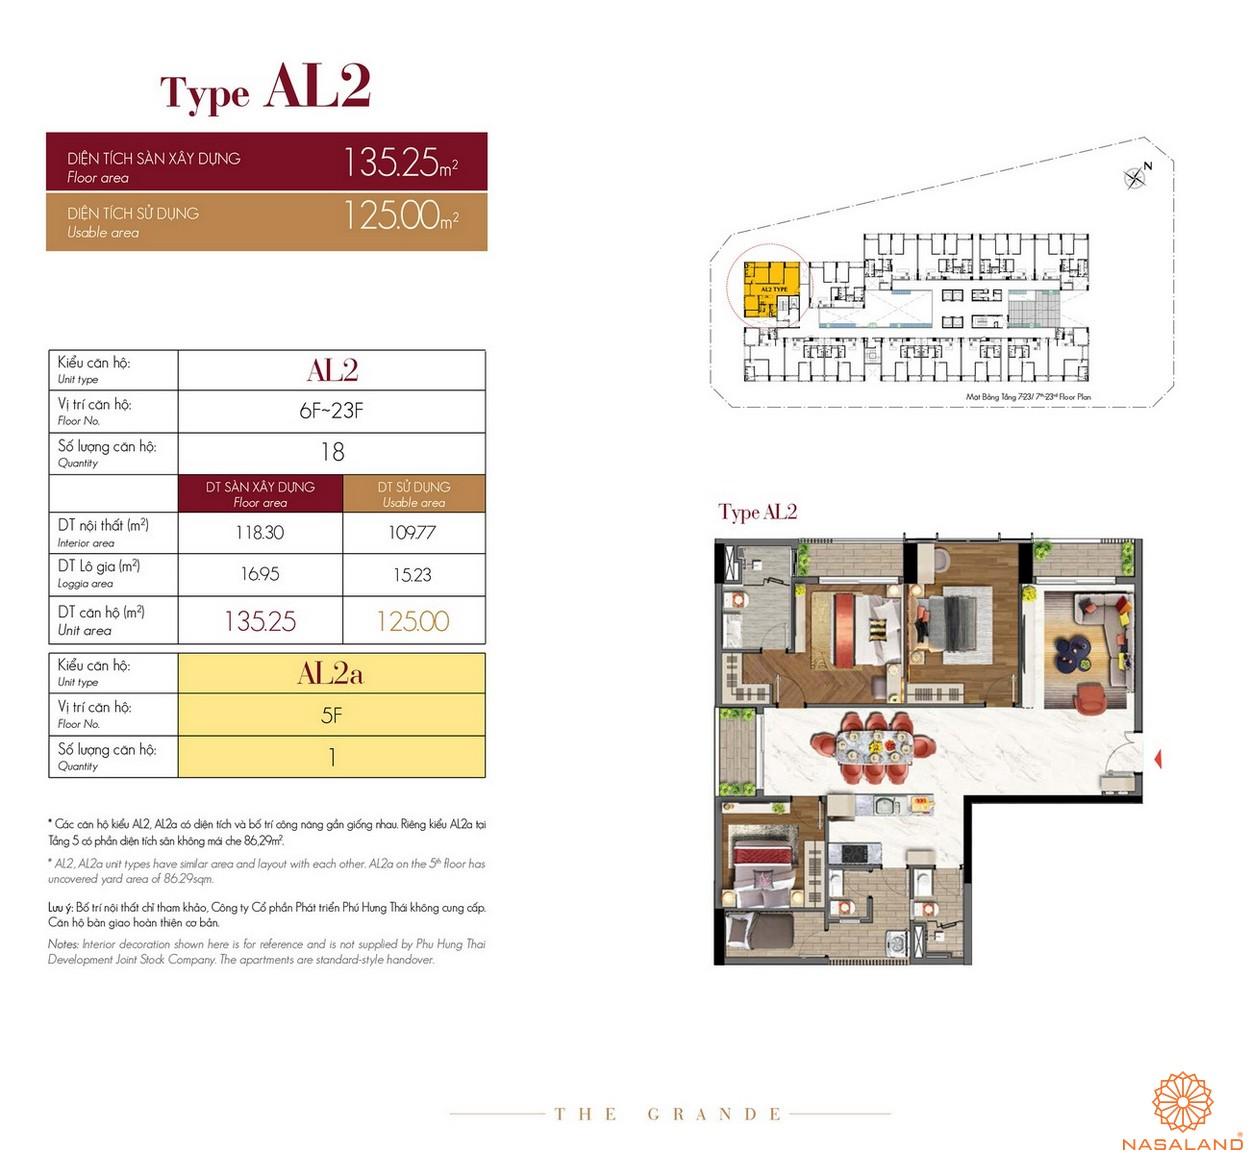 Thiết kế căn hộ Type AL2 dự án The Grande Midtown quận 7